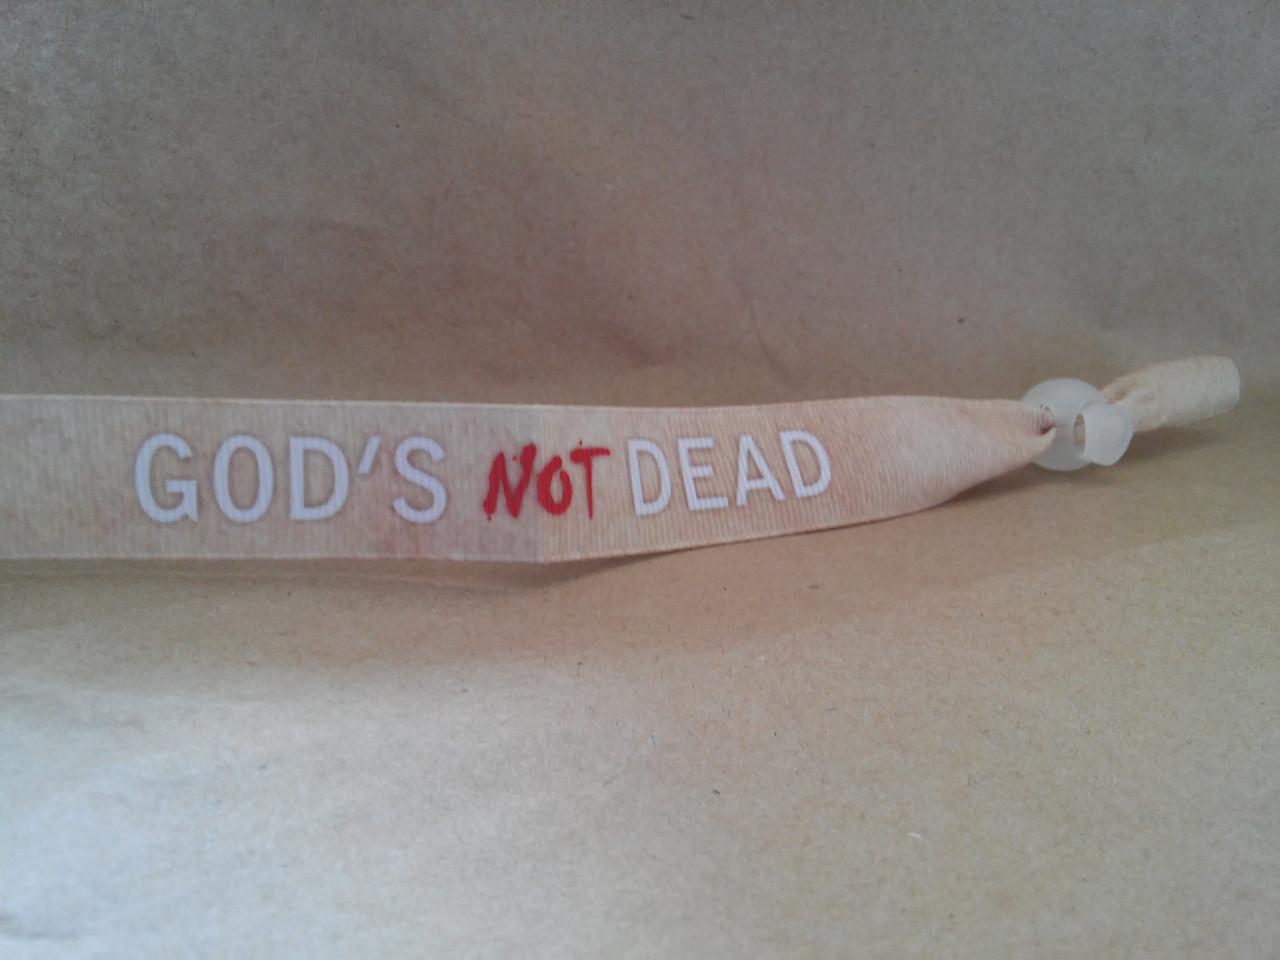 Текстильний браслет: God's not DEAD